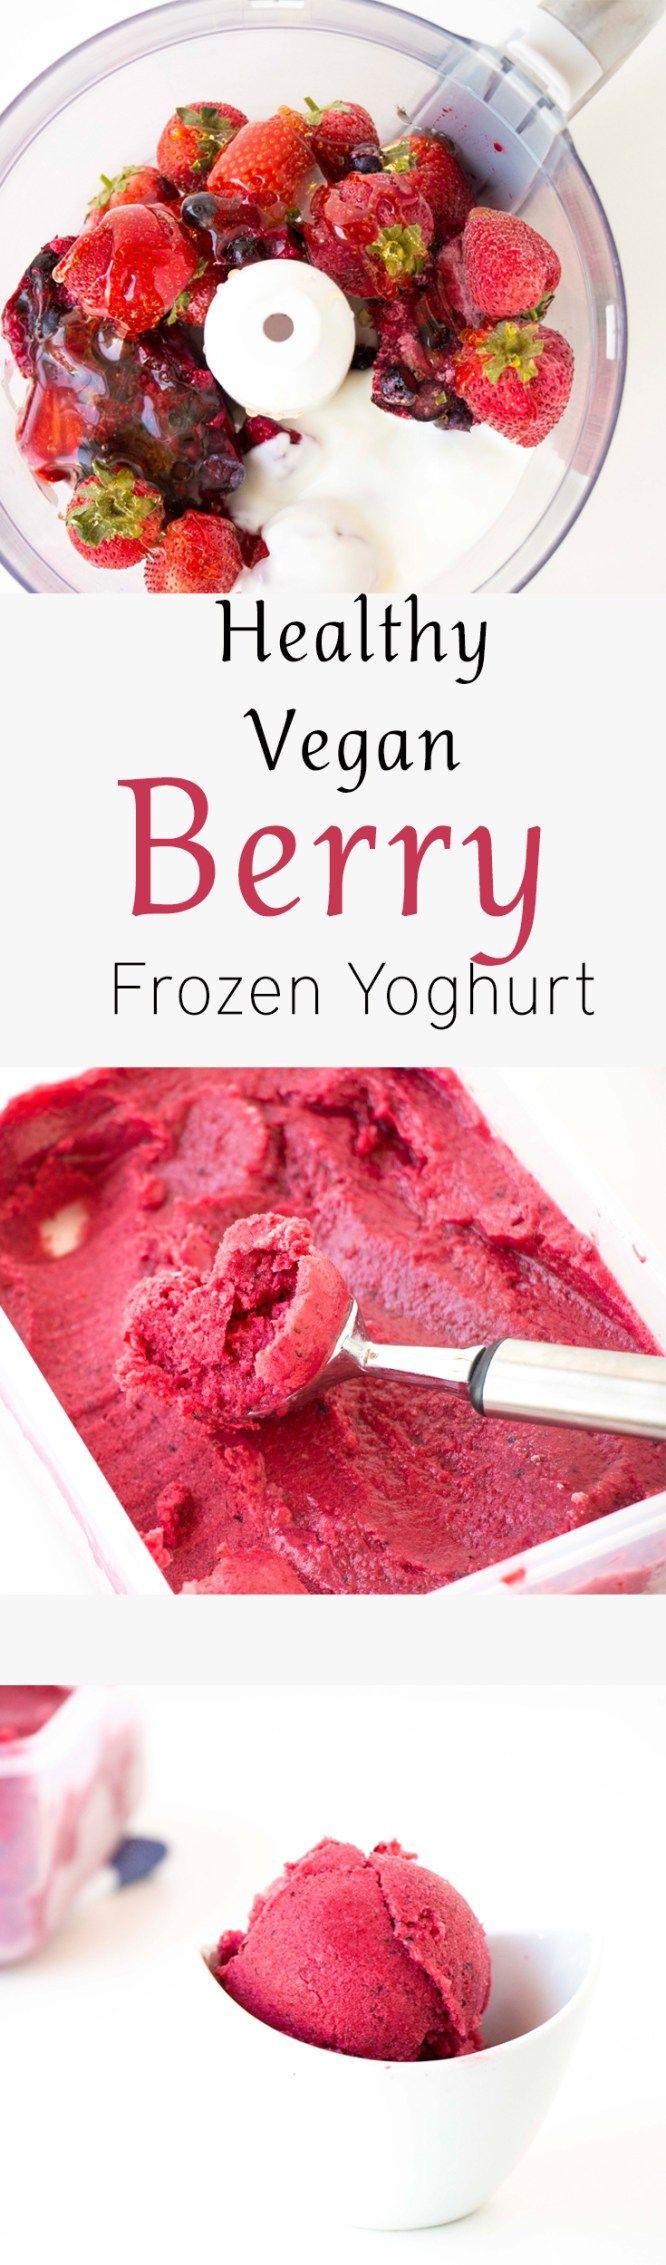 Healthy Vegan Berry Frozen Yoghurt - Baking-Ginger